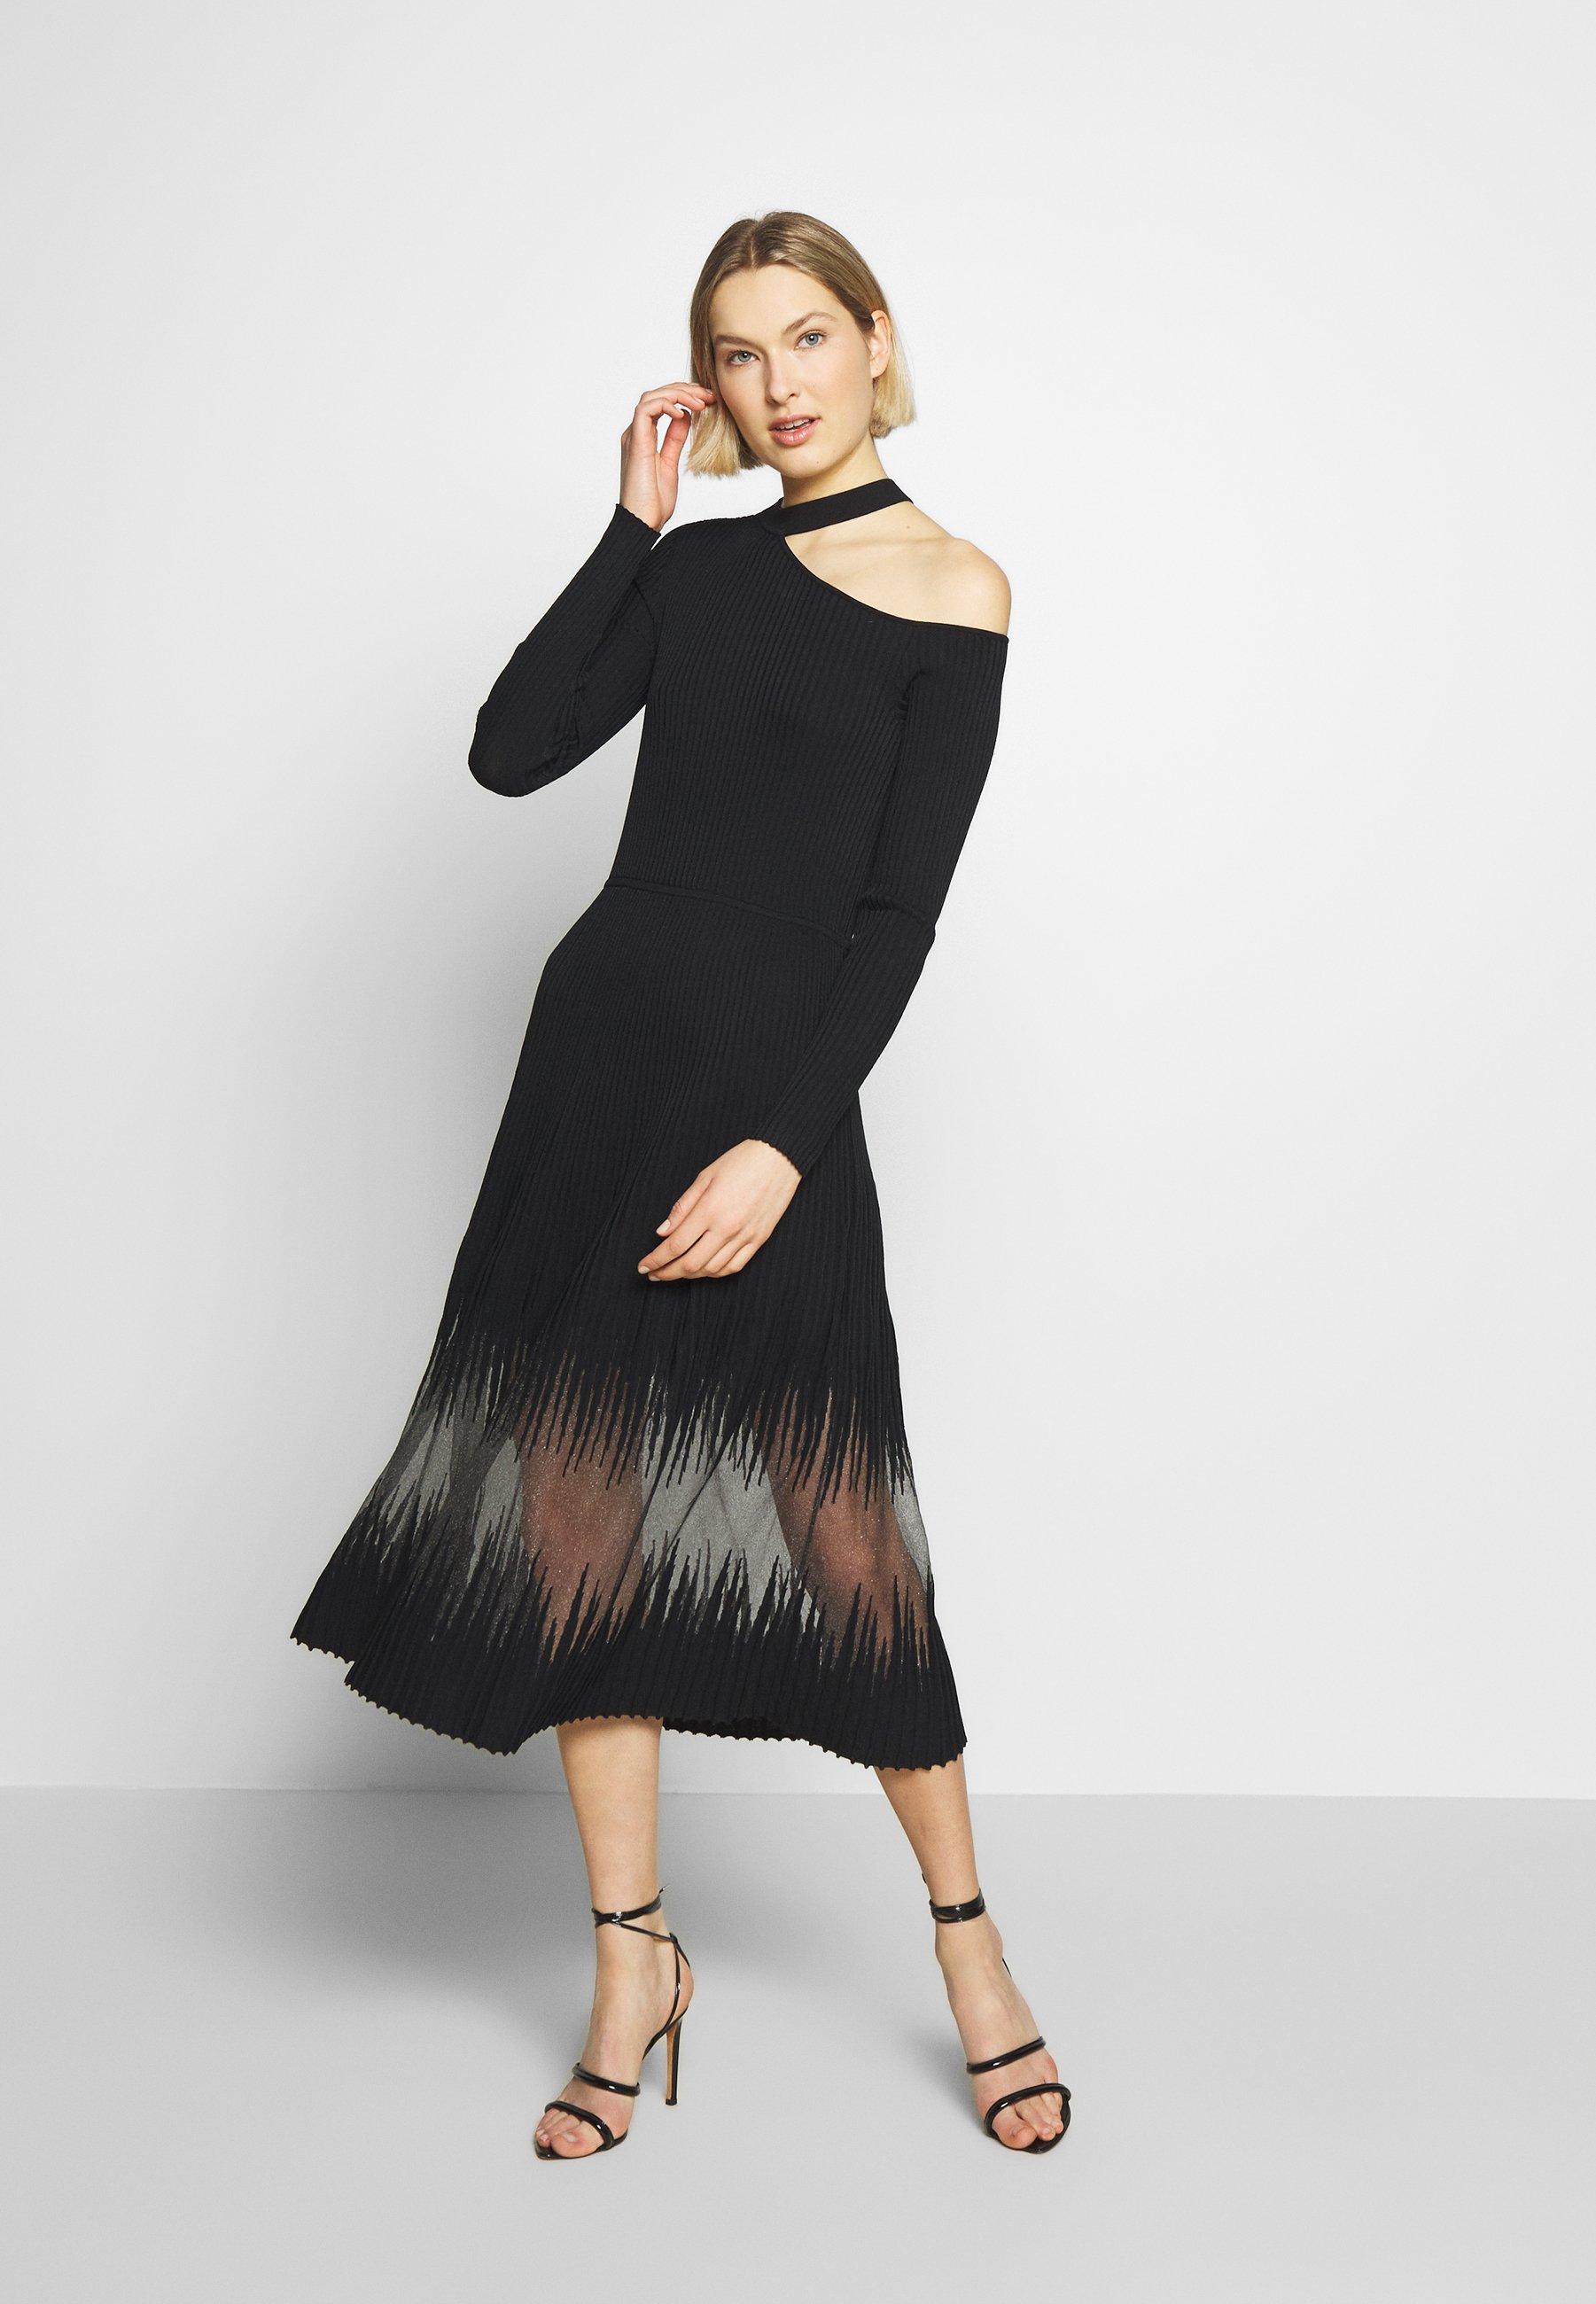 Sukienki Patrizia Pepe dla Ciebie! Odkryj tą idealną   ZALANDO